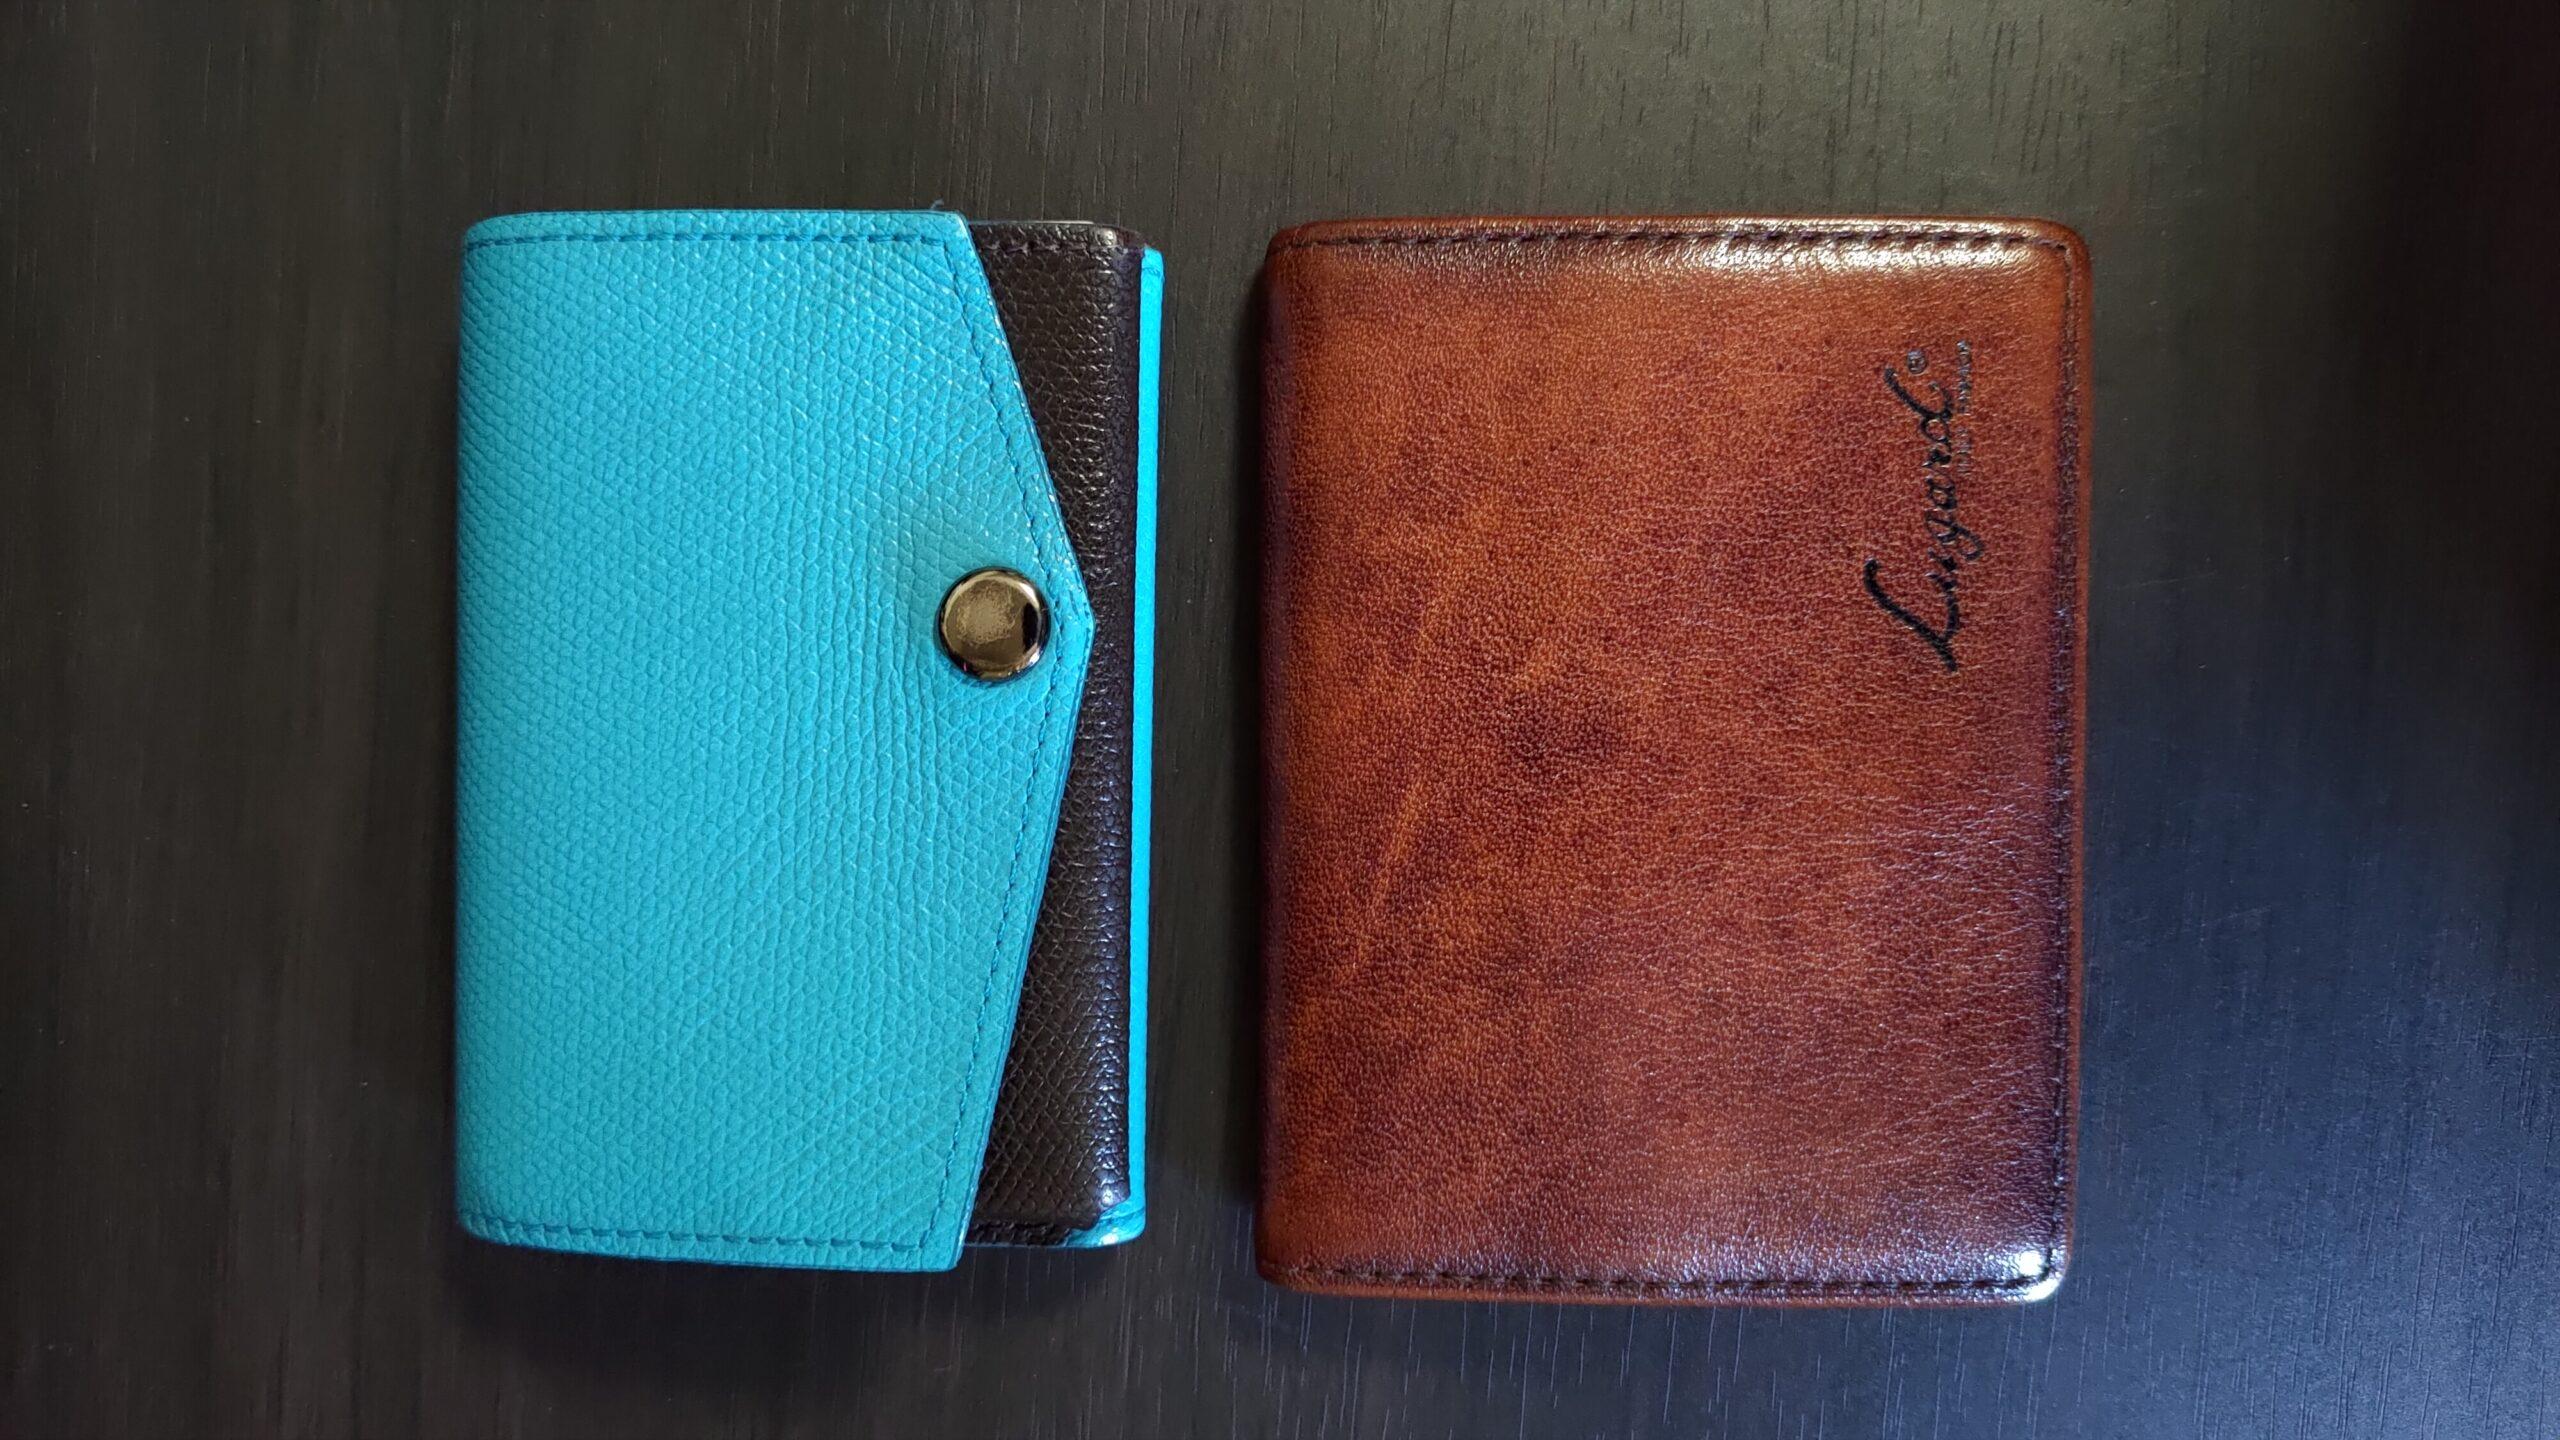 小さい財布 vs G-3b